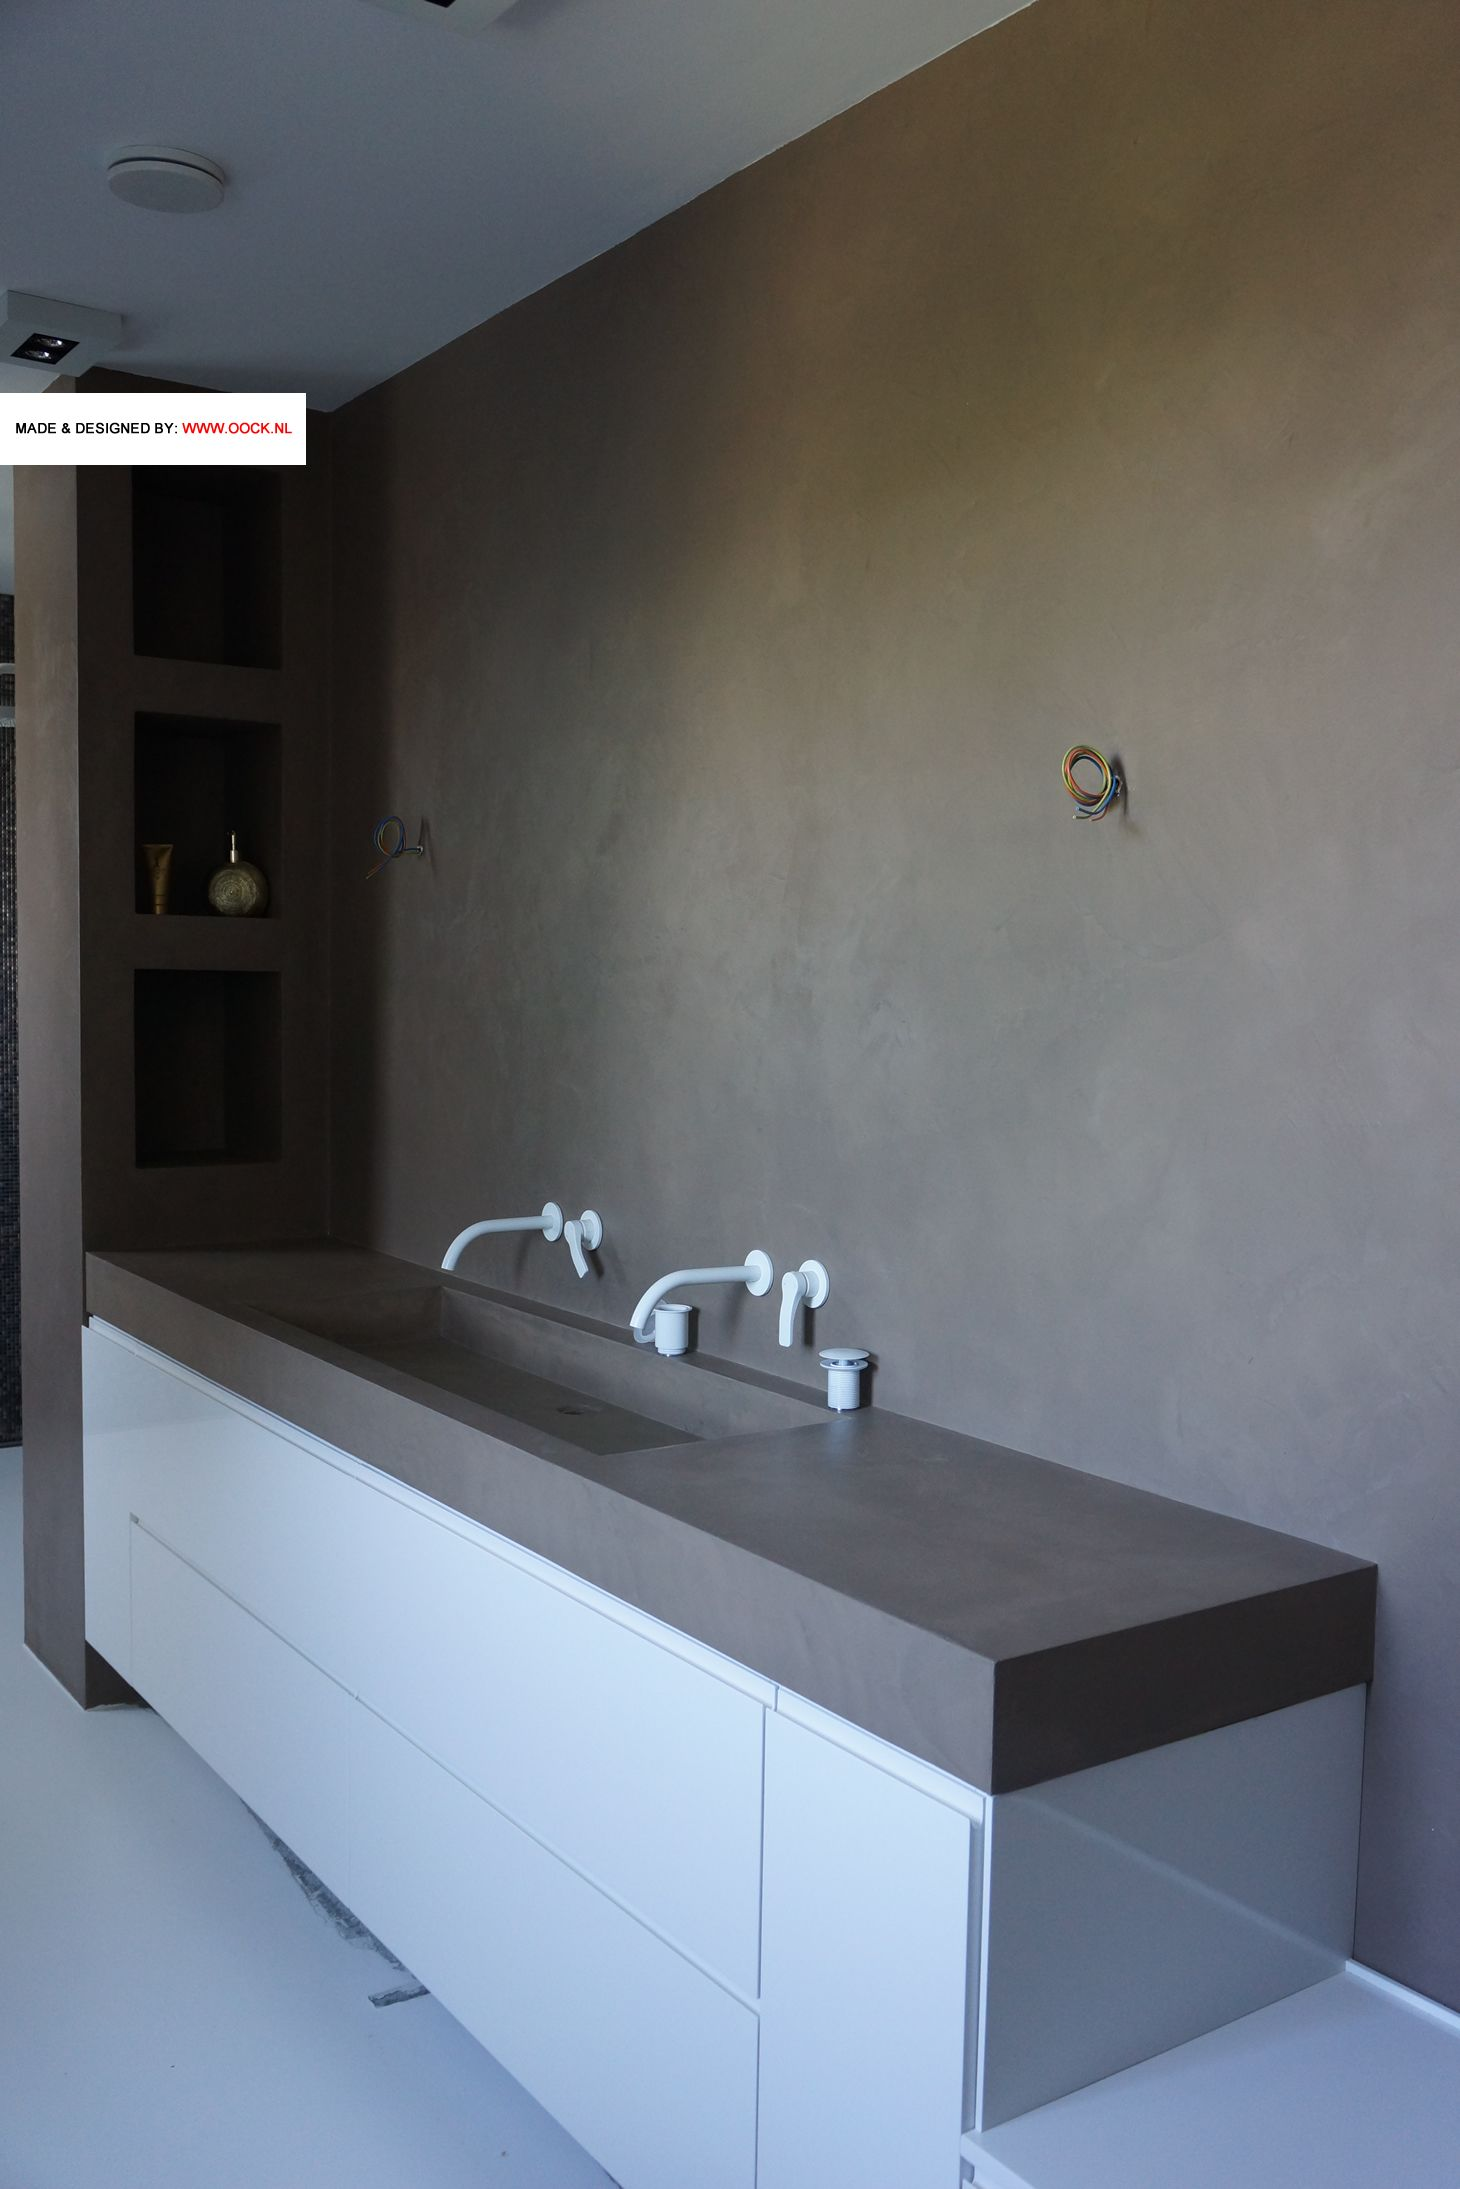 badkamermeubel met betonciree wand meubel gespoten in kleur naar